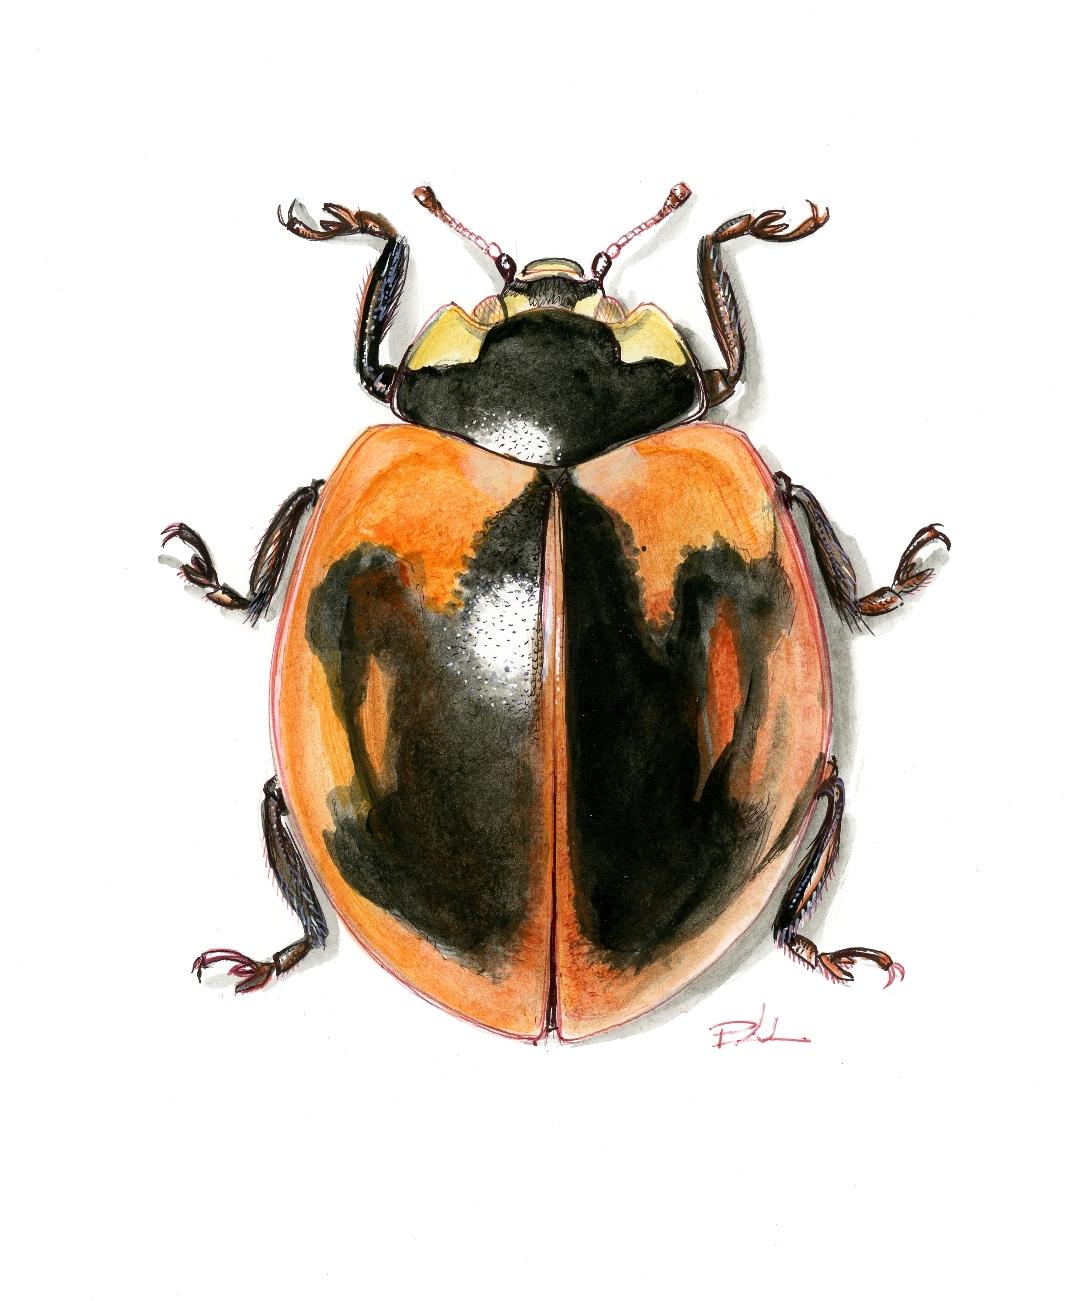 Coccinella septempunctata (Görögország: Szantoríni). Szantoríni szigetén a hétpettyes katicák túlnyomó többségén a fekete foltok nagy, közös mintává olvadtak össze. A jelenség oka a genetikai sodródás.